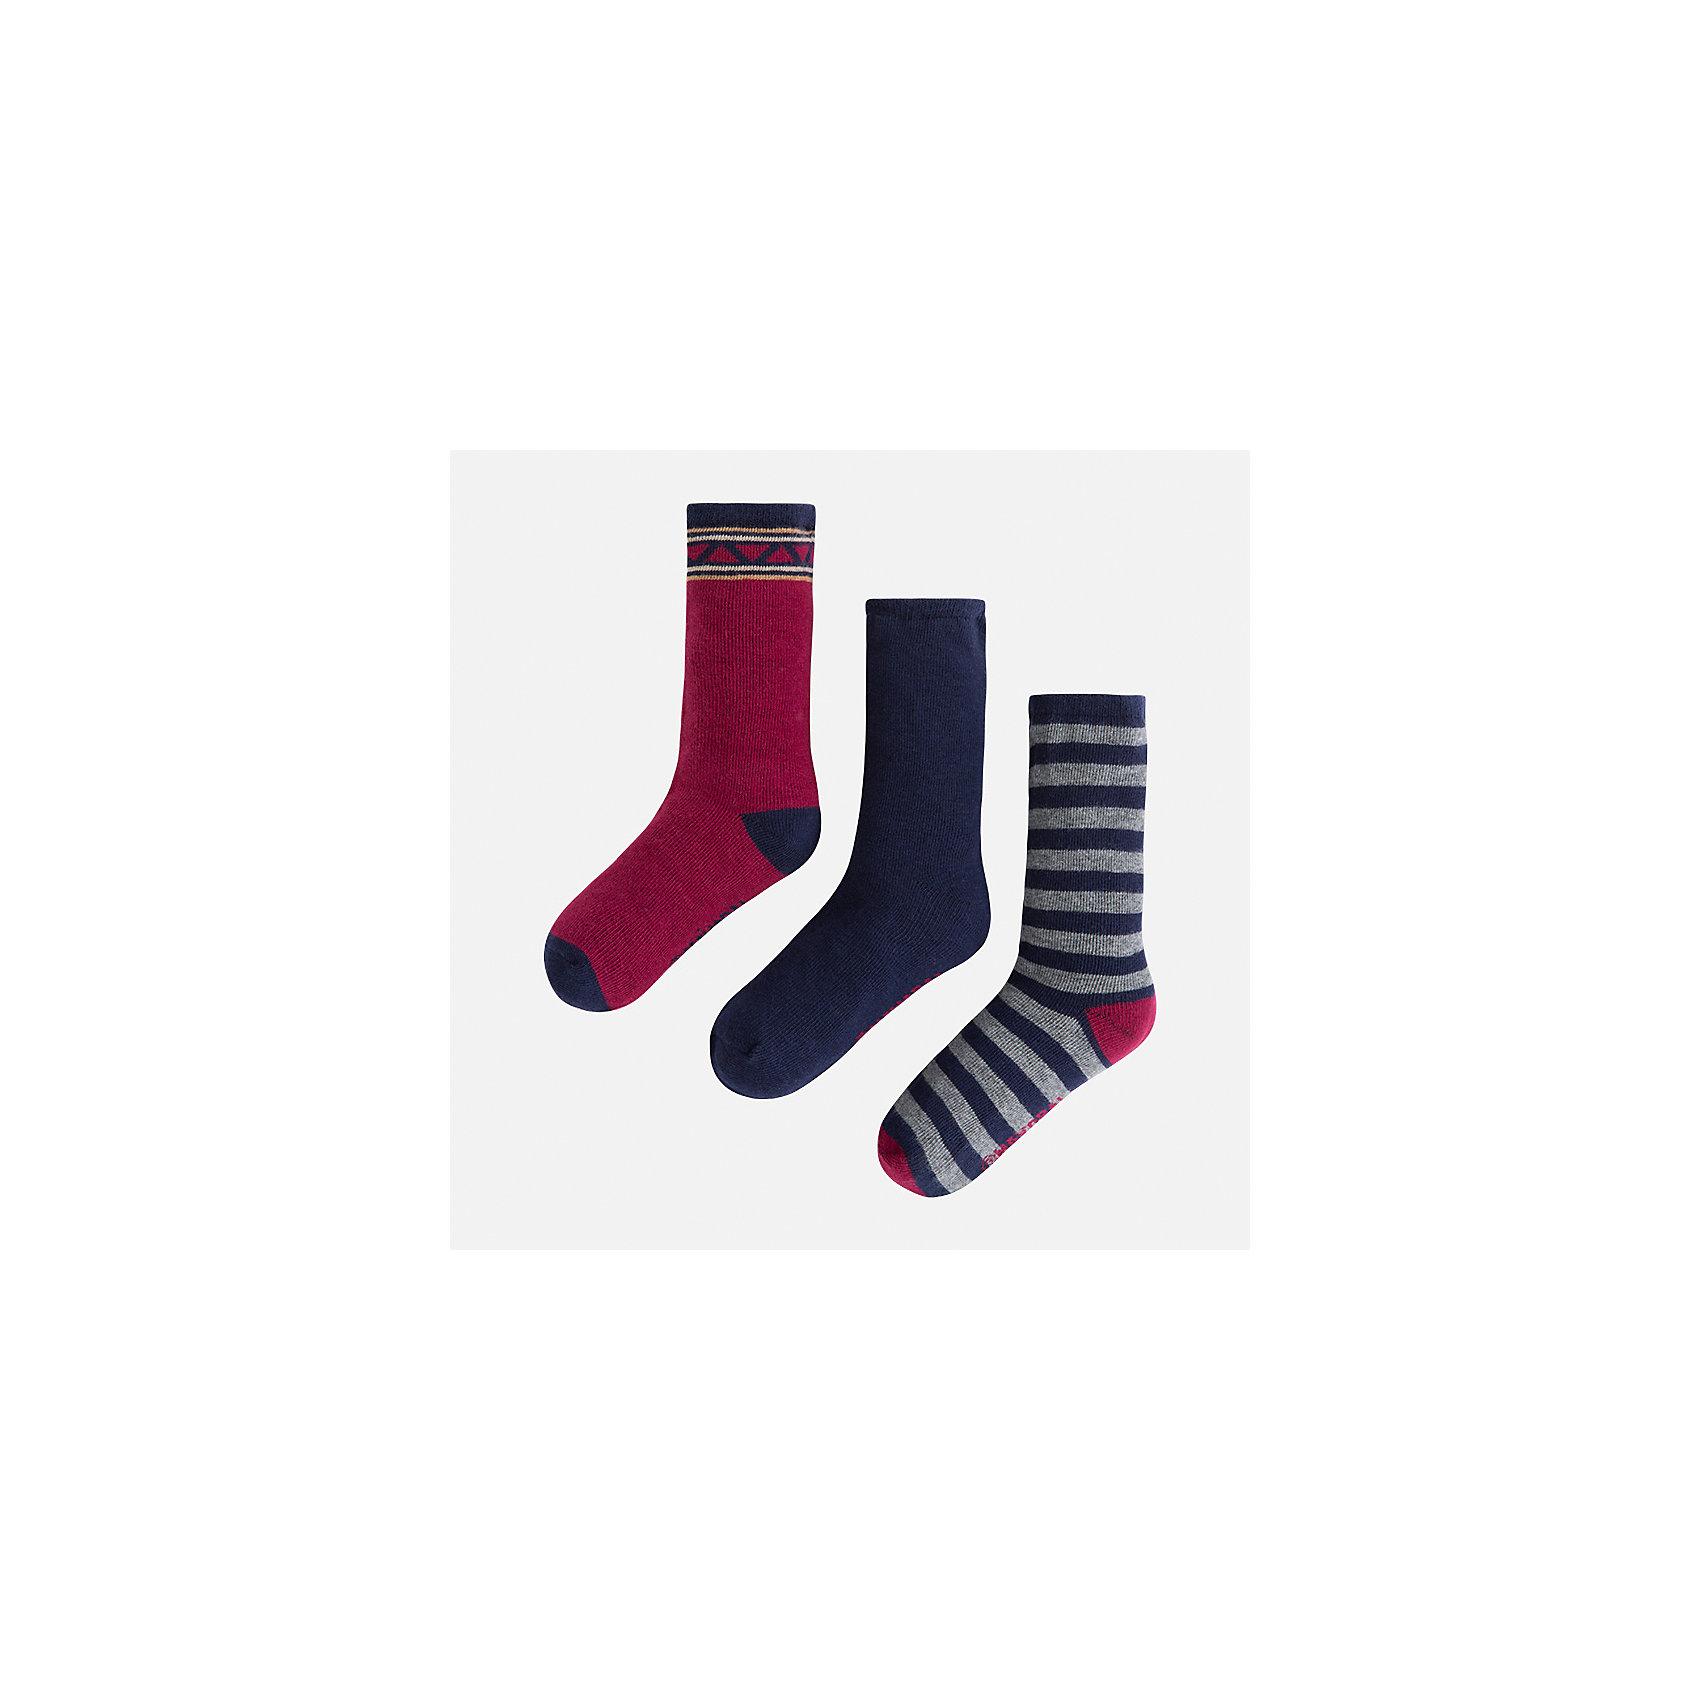 Носки (3 пары) для мальчика MayoralНоски<br>Характеристики товара:<br><br>• цвет: бордовый/темно-синий/серый<br>• состав ткани: 72% хлопок, 25% полиамид, 3% эластан<br>• сезон: круглый год<br>• комплектация: 3 пары<br>• страна бренда: Испания<br>• страна изготовитель: Индия<br><br>Набор носков для мальчика от Майорал симпатично смотрится, они удобно сидят благодаря качественному дышащему трикотажу. Детские носки Mayoral обеспечат ребенку комфорт и аккуратный внешний вид. Эти детские носки, как и вся одежда от испанской компании Mayoral отличаются оригинальным и стильным дизайном. <br><br>Носки (3 пары) для мальчика Mayoral (Майорал) можно купить в нашем интернет-магазине.<br><br>Ширина мм: 87<br>Глубина мм: 10<br>Высота мм: 105<br>Вес г: 115<br>Цвет: синий/красный<br>Возраст от месяцев: 96<br>Возраст до месяцев: 108<br>Пол: Мужской<br>Возраст: Детский<br>Размер: 33-35,24-26,27-29,30-32<br>SKU: 6939200